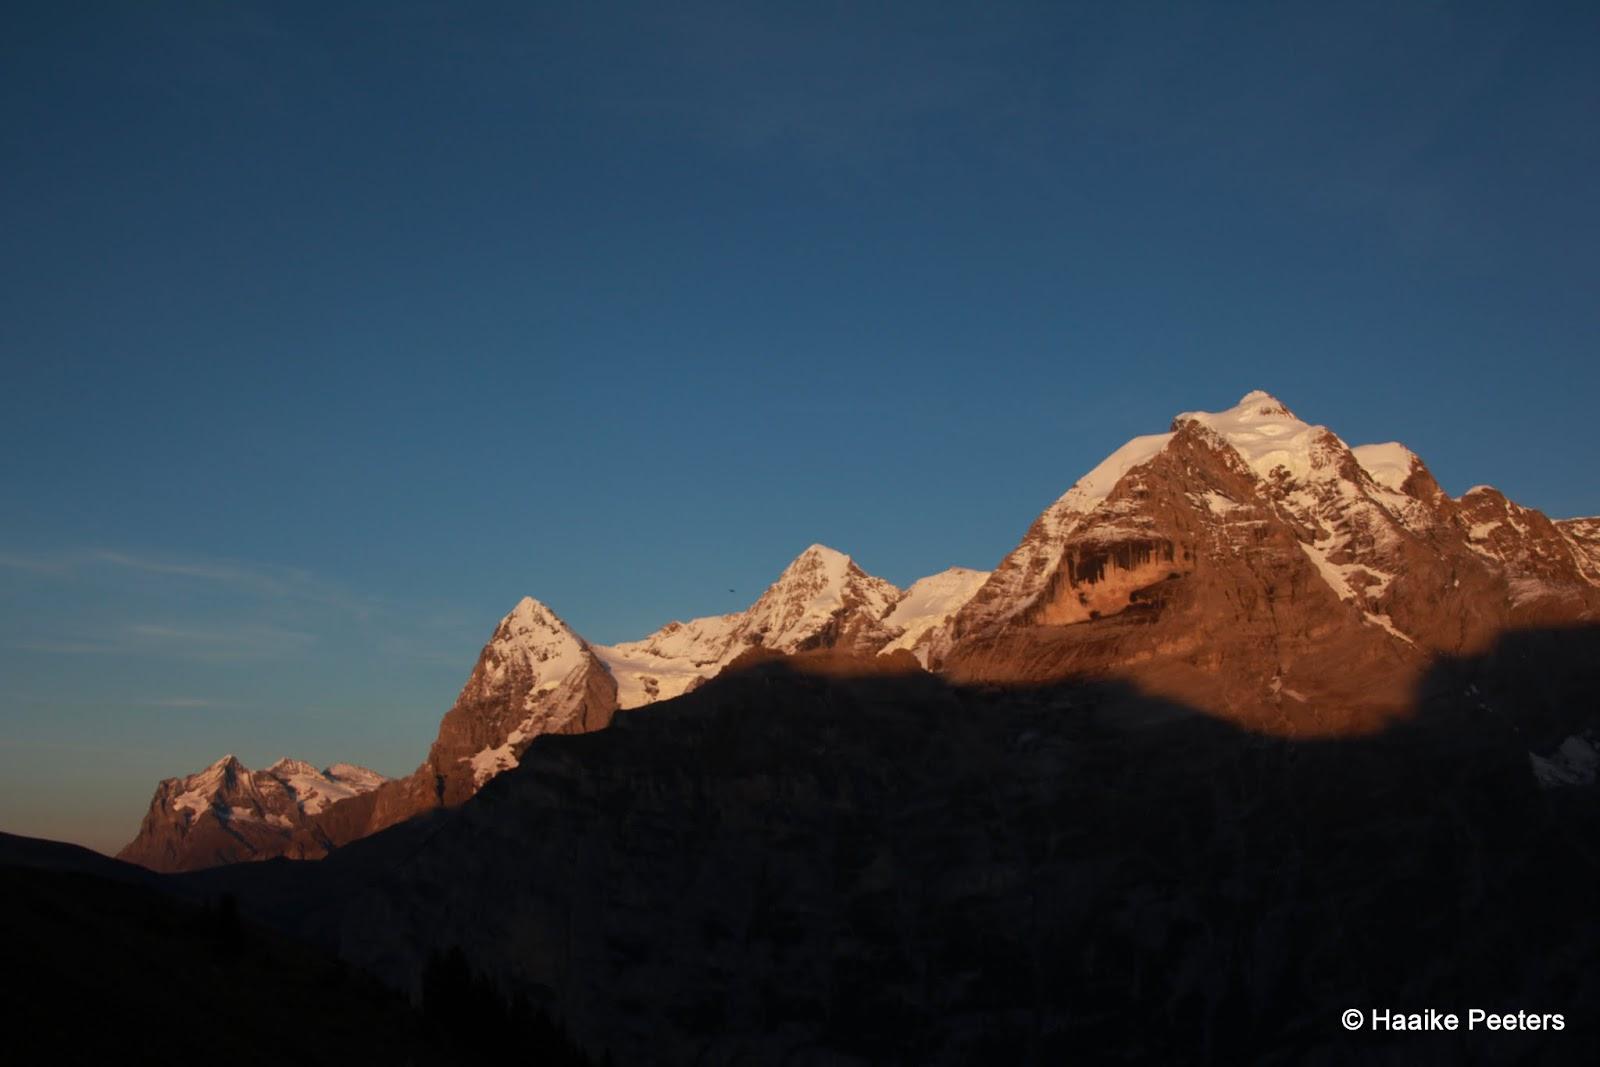 Eiger, Mönch, Jungfrau (Le petit requin)